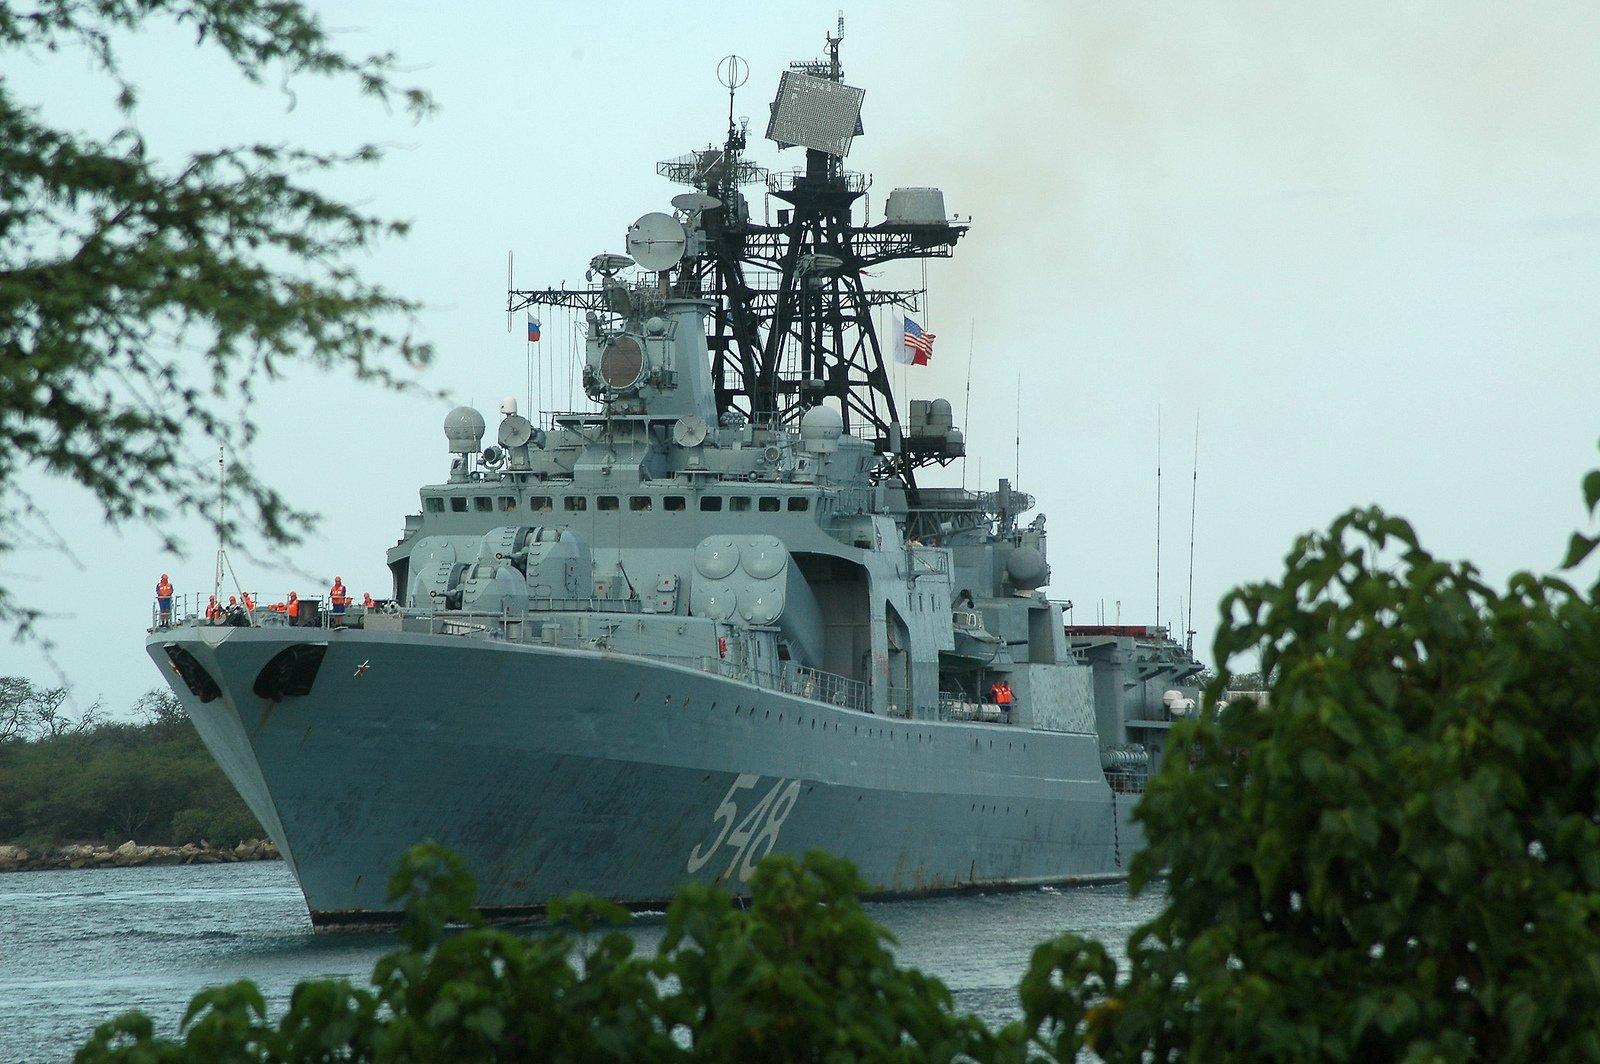 [사진] 미 태평양 함대의 하루 - 시애틀에서 캄..